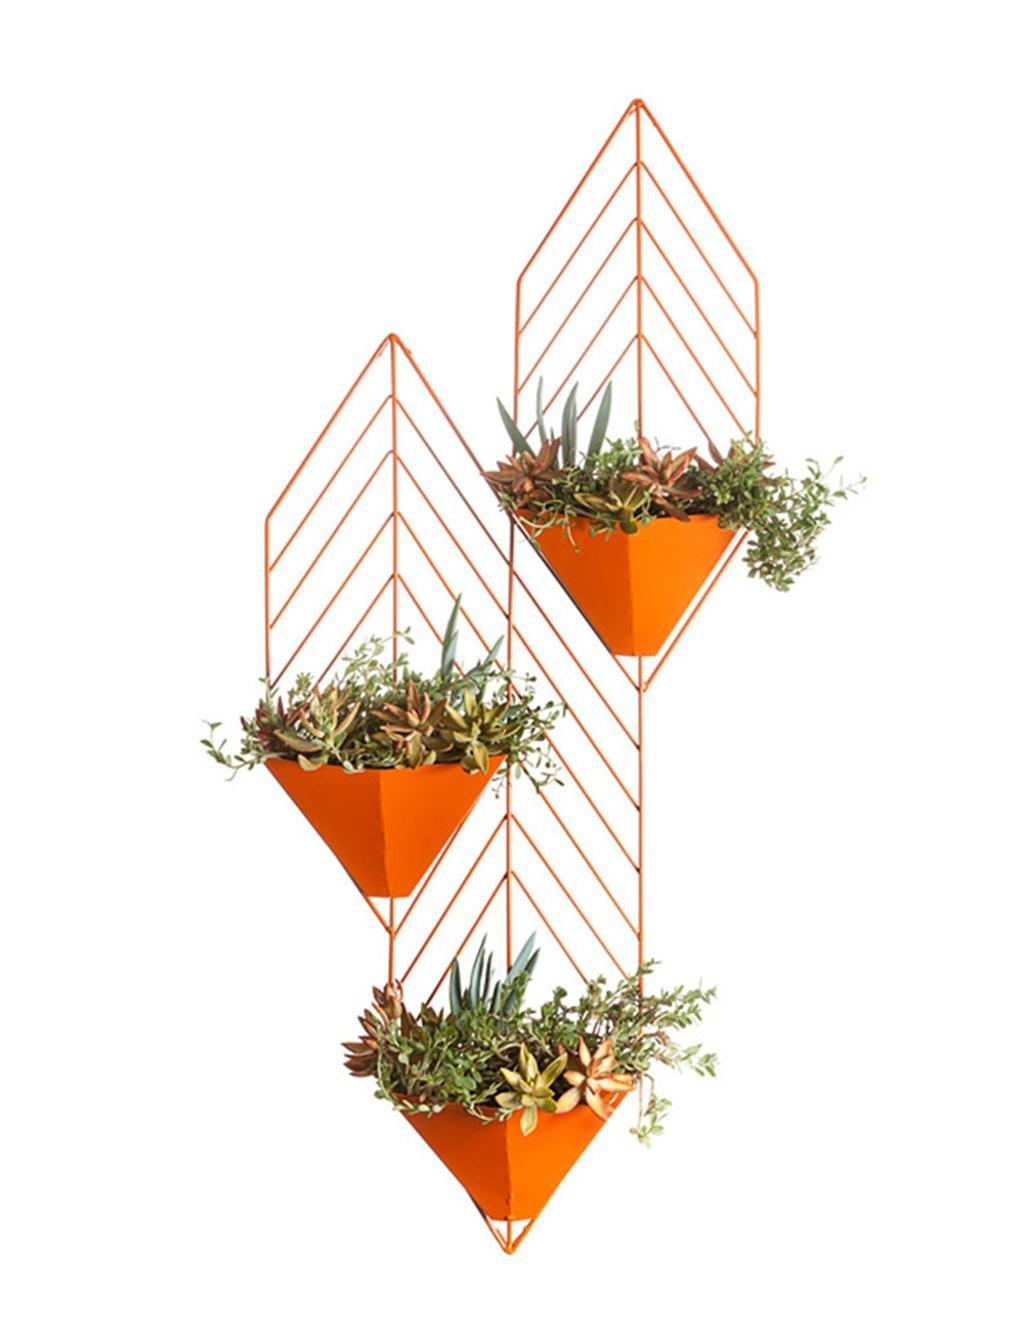 HZA Eisen-Wand-hängendes Dreistufiges hängendes Orchidee-Blumen-Gestell, Wand-hängendes grünes Rettich-Blumen-Regal Hochwertige Materialien ( farbe : Orange )